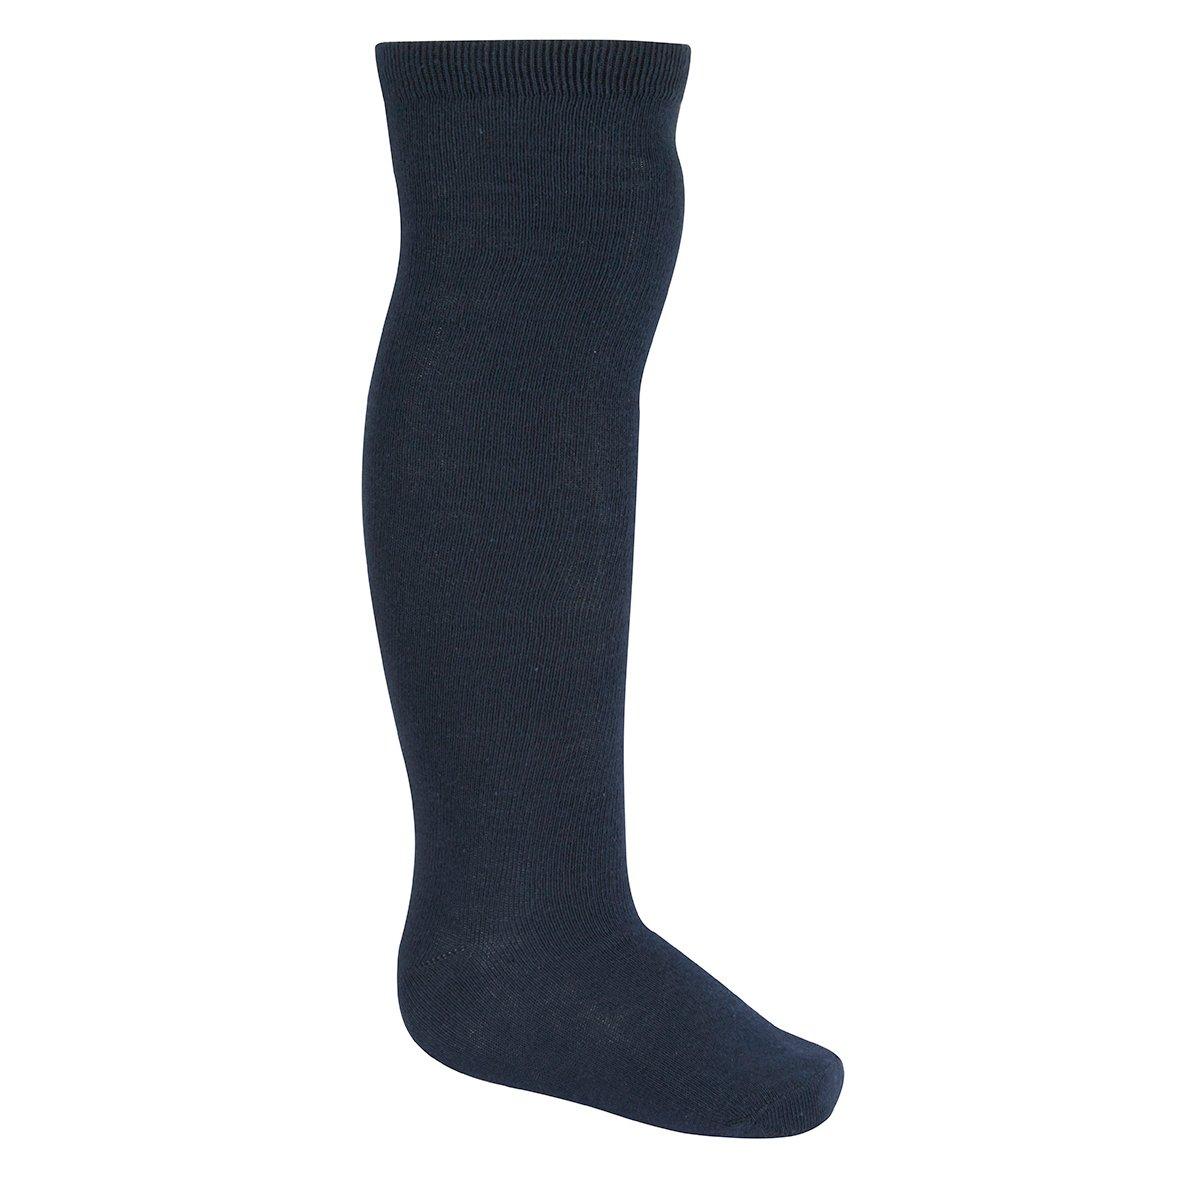 Bay 6 Girls 1 Pair Over the Knee Long Socks Bay6